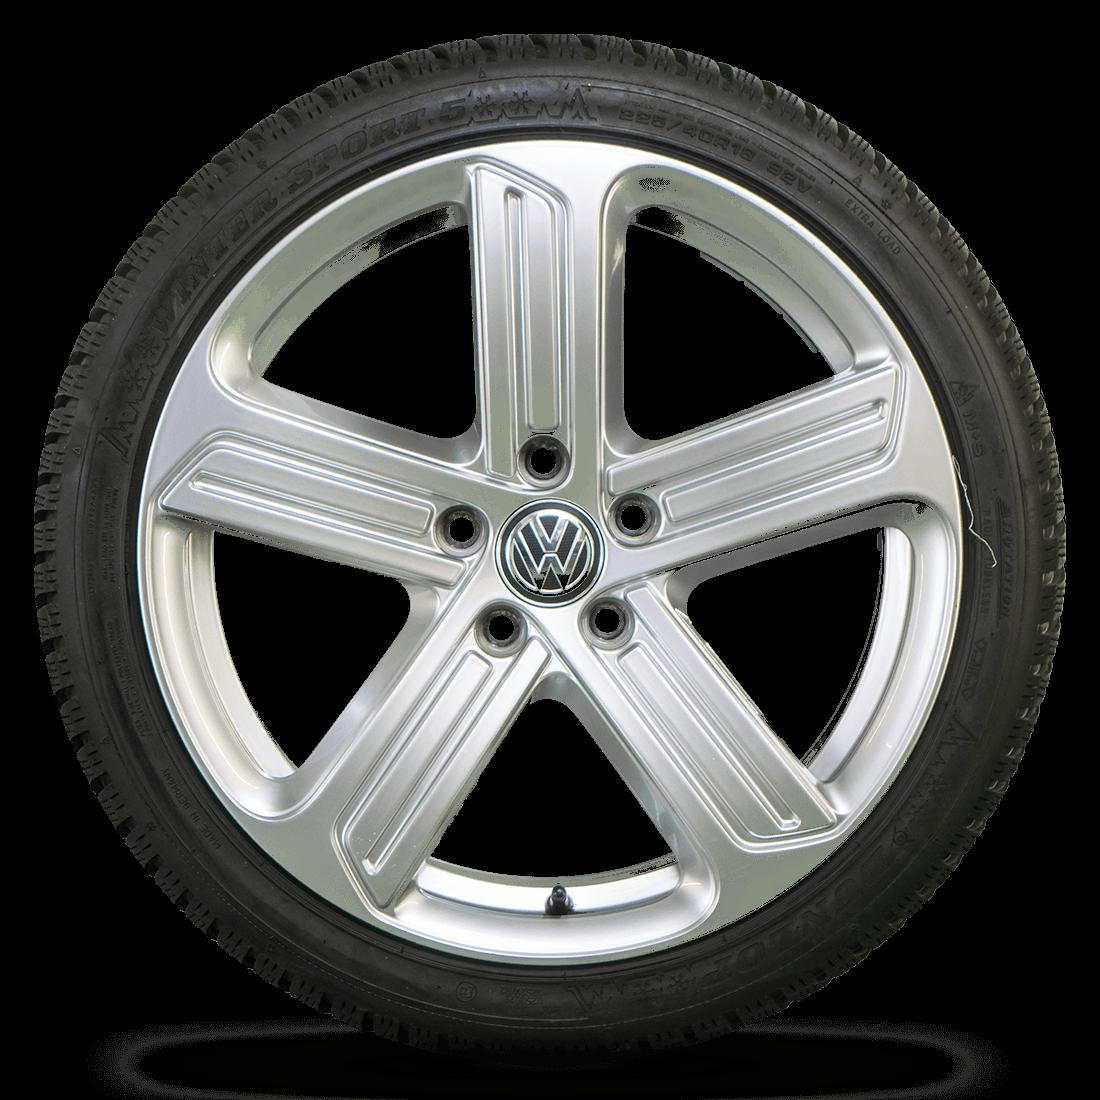 VW 18 Zoll Felgen Golf 7 6 GTI GTD Cadiz Alufelgen Winterreifen Winterräder 8 mm